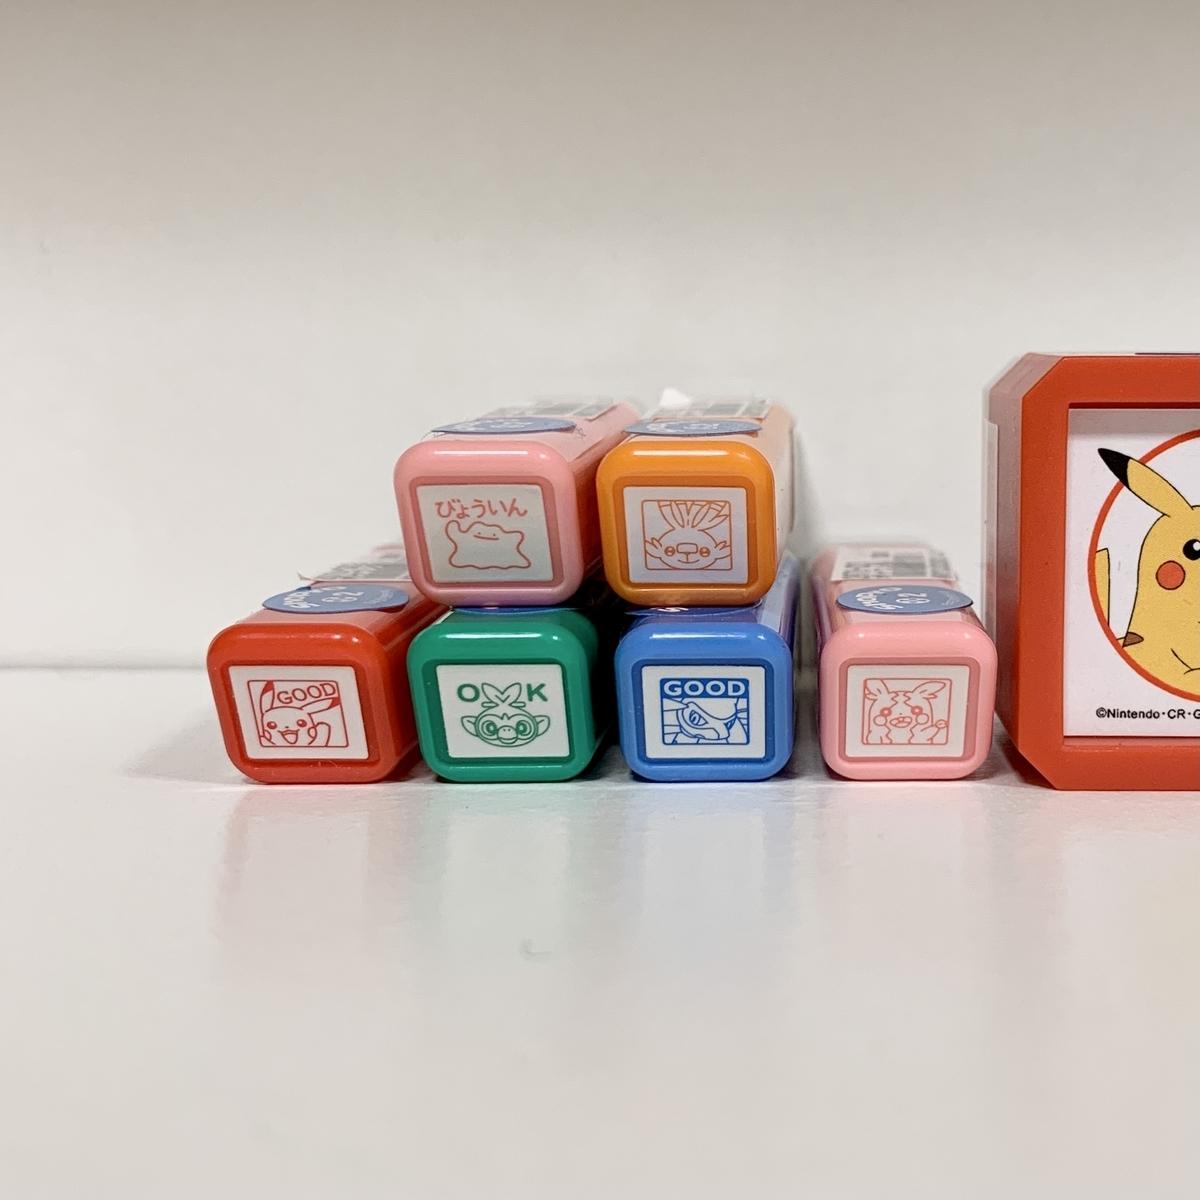 f:id:pikachu_pcn:20201124175046j:plain